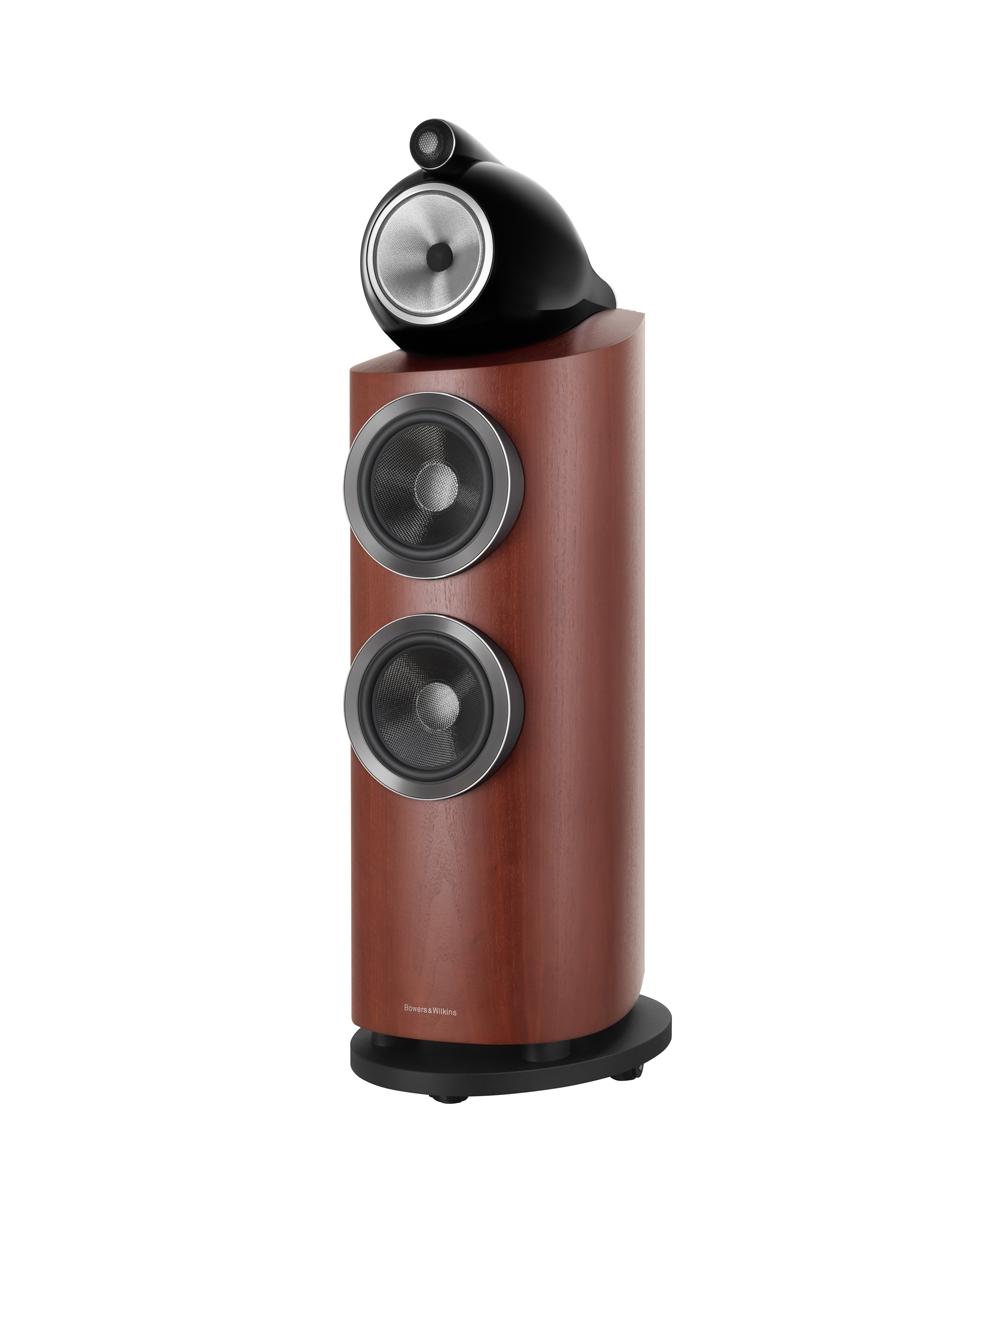 802 D3 from Bowers & Wilkins 800 Series Diamond speakers.